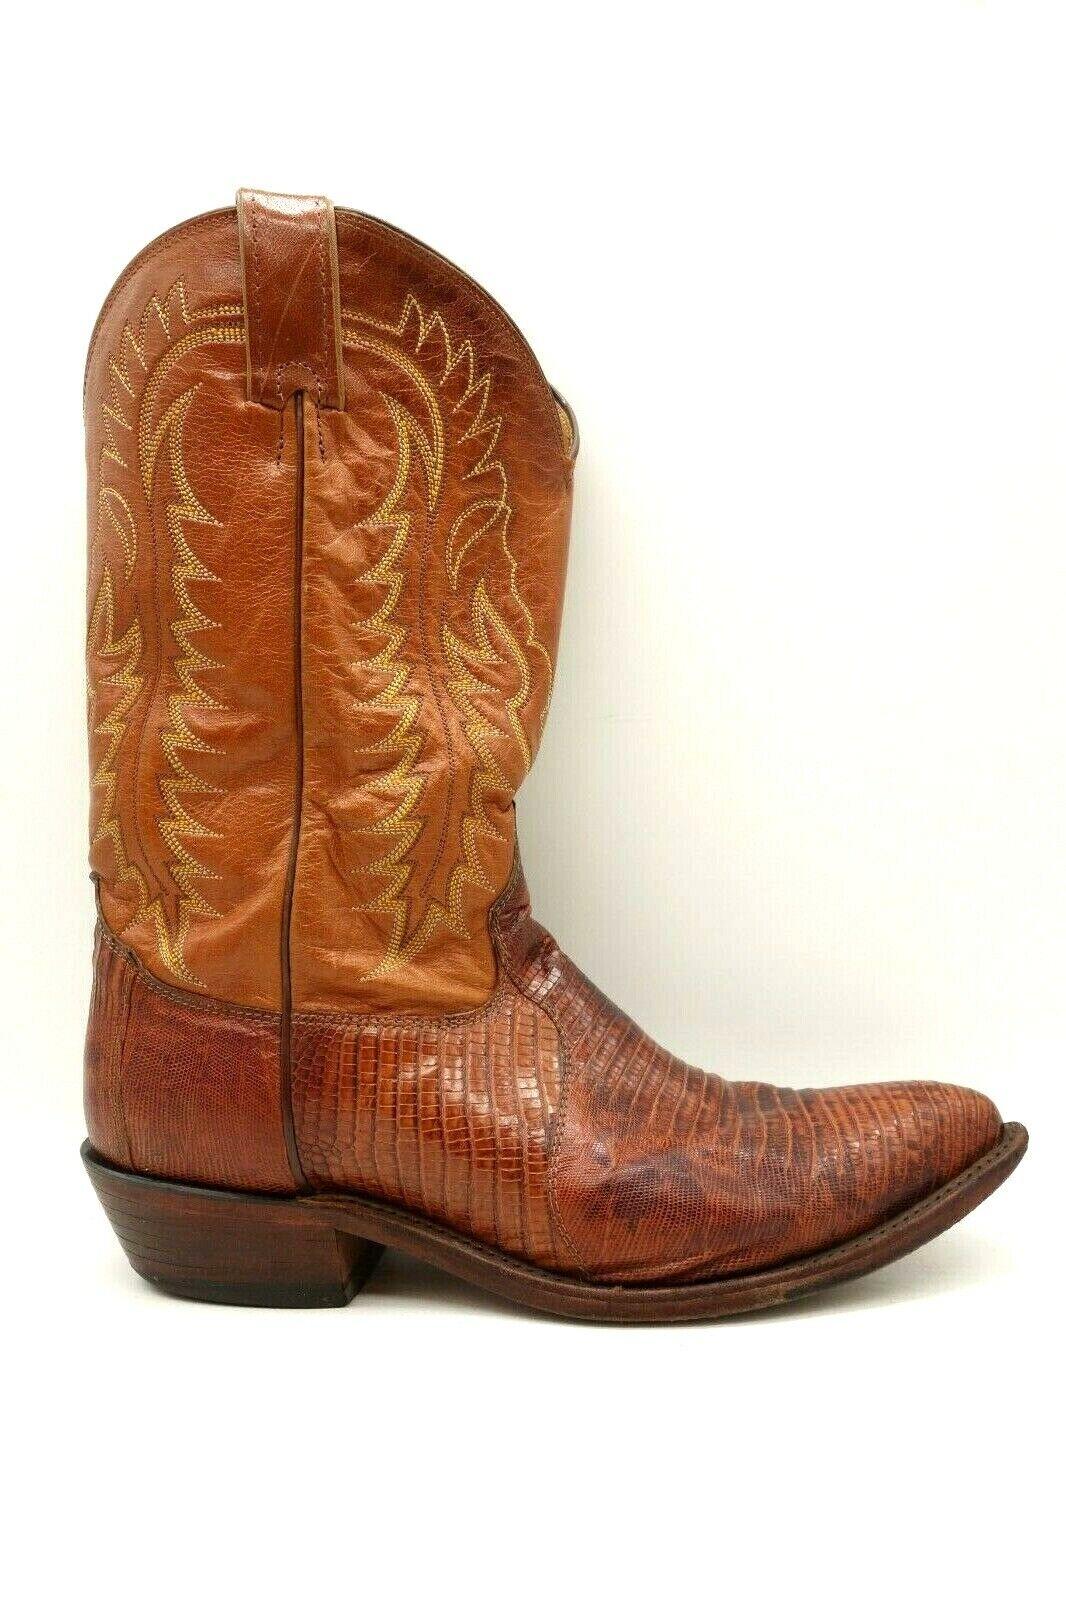 ROYA de Cuero Marrón Piel De Lagarto USA Western Cowboy Puntera en Punta botas para hombre 11 D